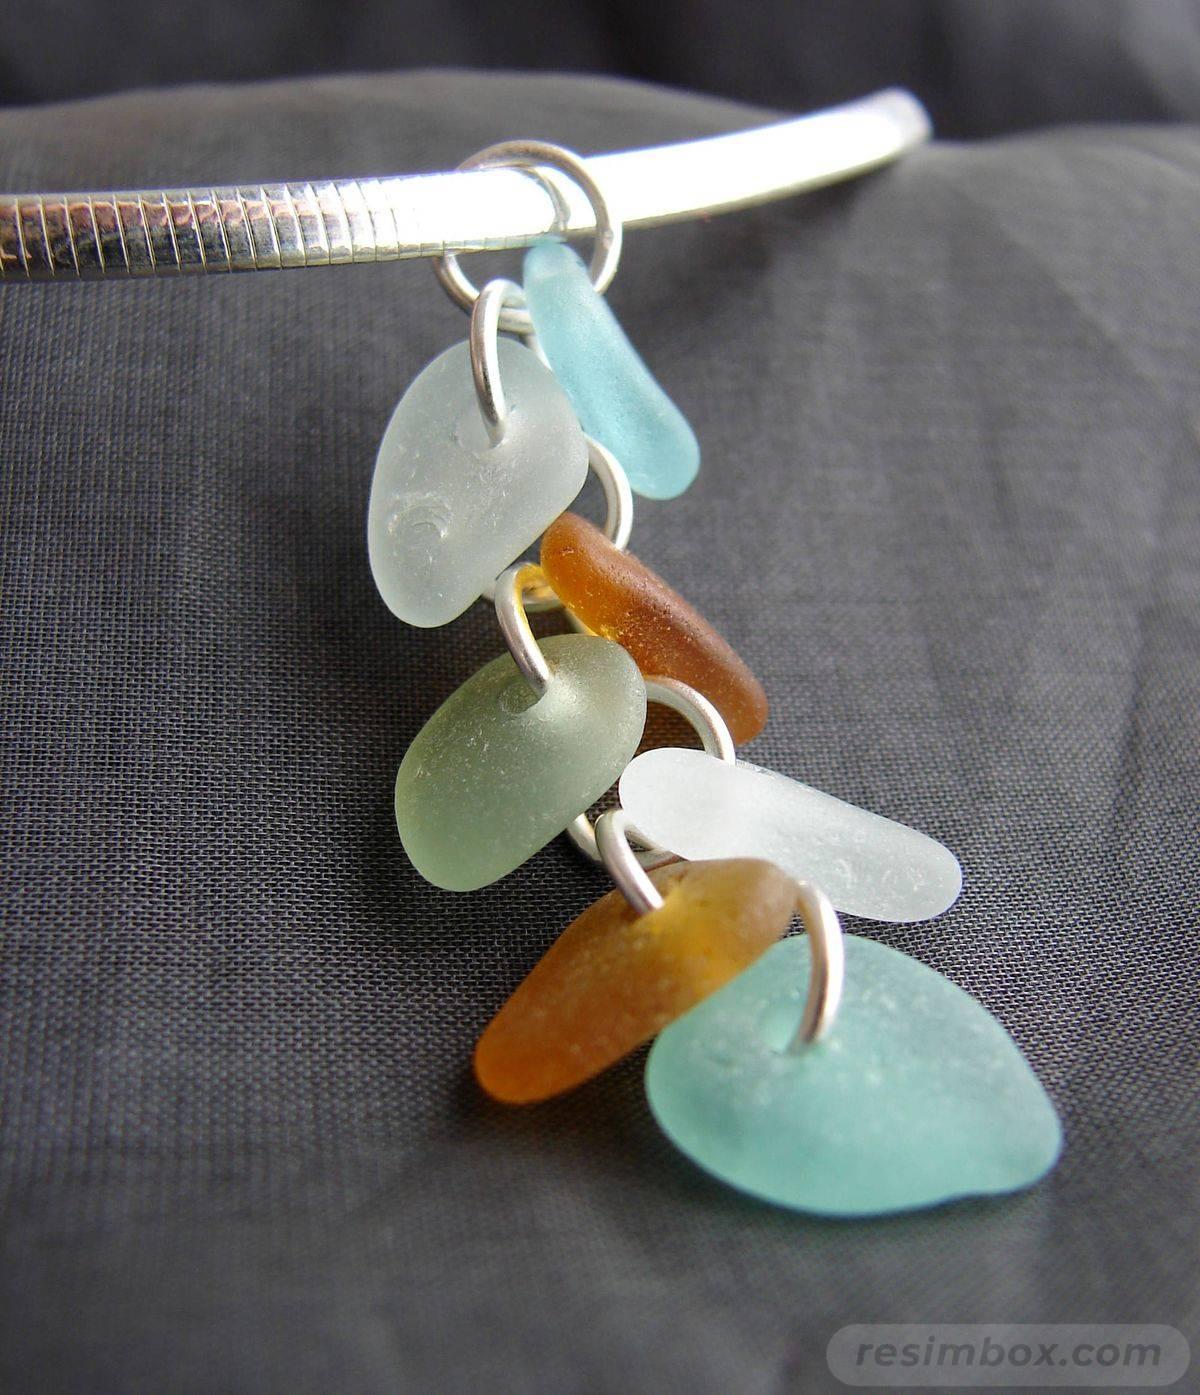 Beach glass jewelry-AeKPKo-rb7H_GiNjTitypW7_XgMniiujE0rBpl0xMal01UQYcBoPd84